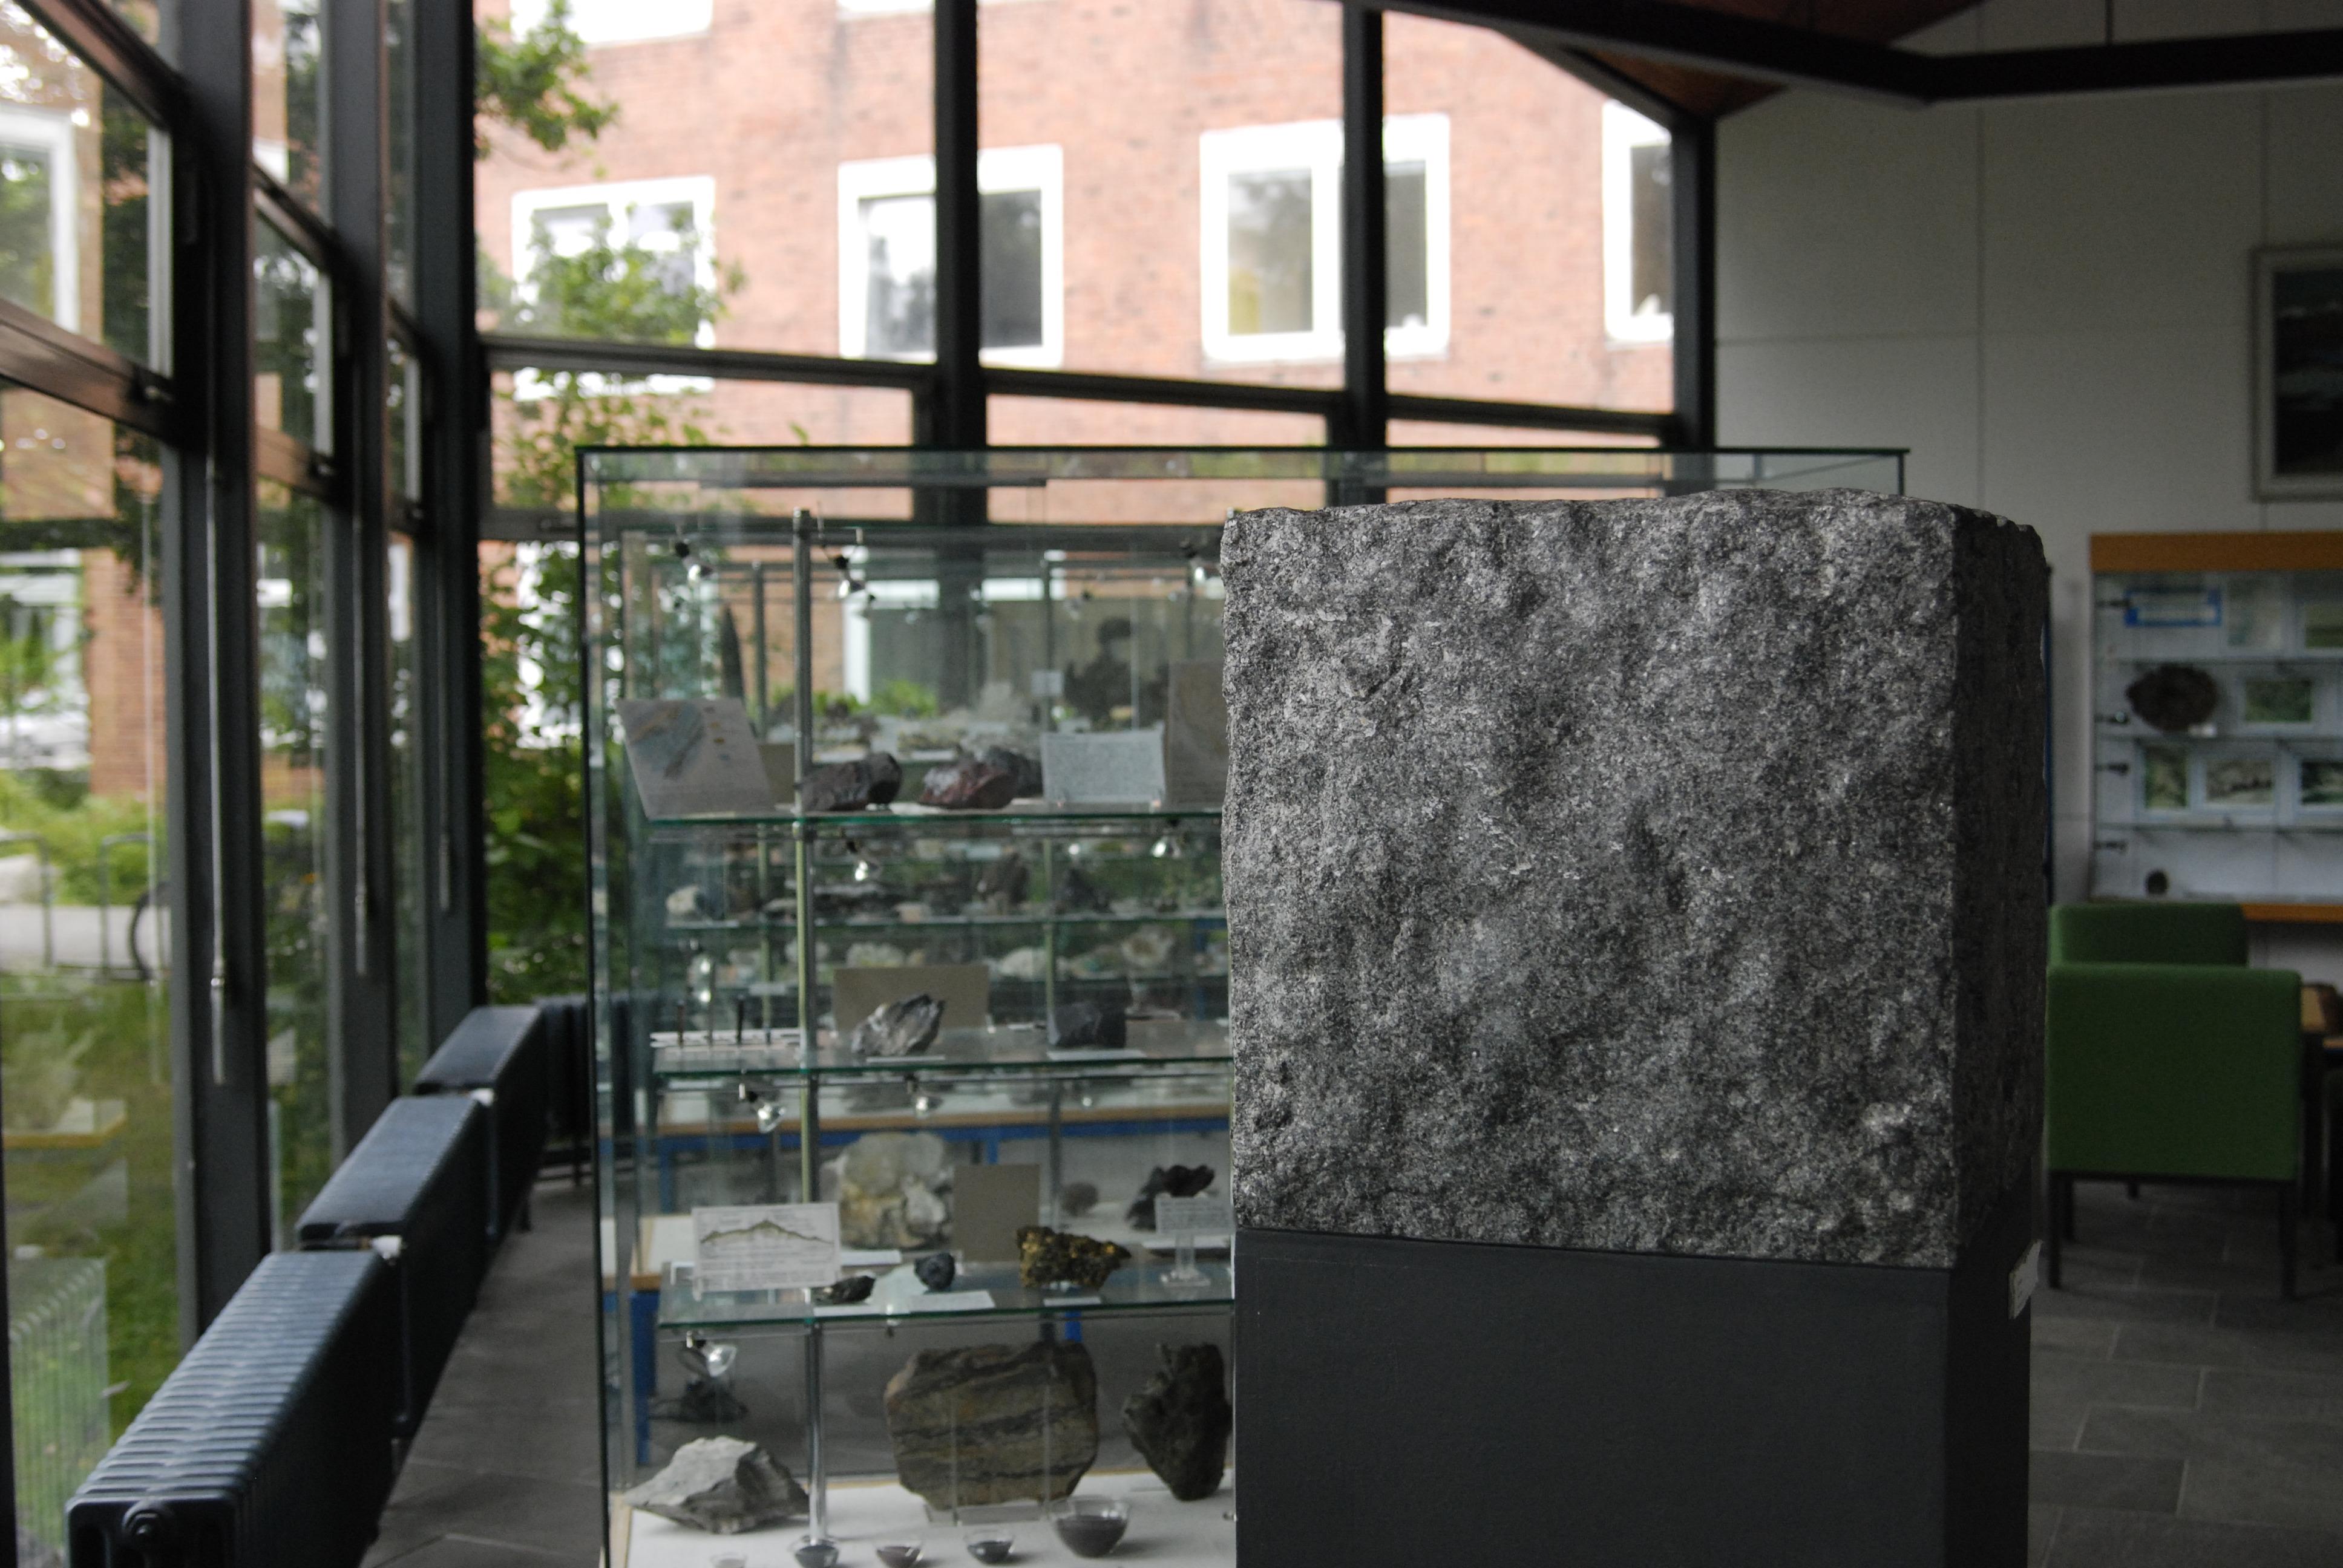 Innenarchitektur Deutschland kostenlose foto rock museum innenarchitektur deutschland